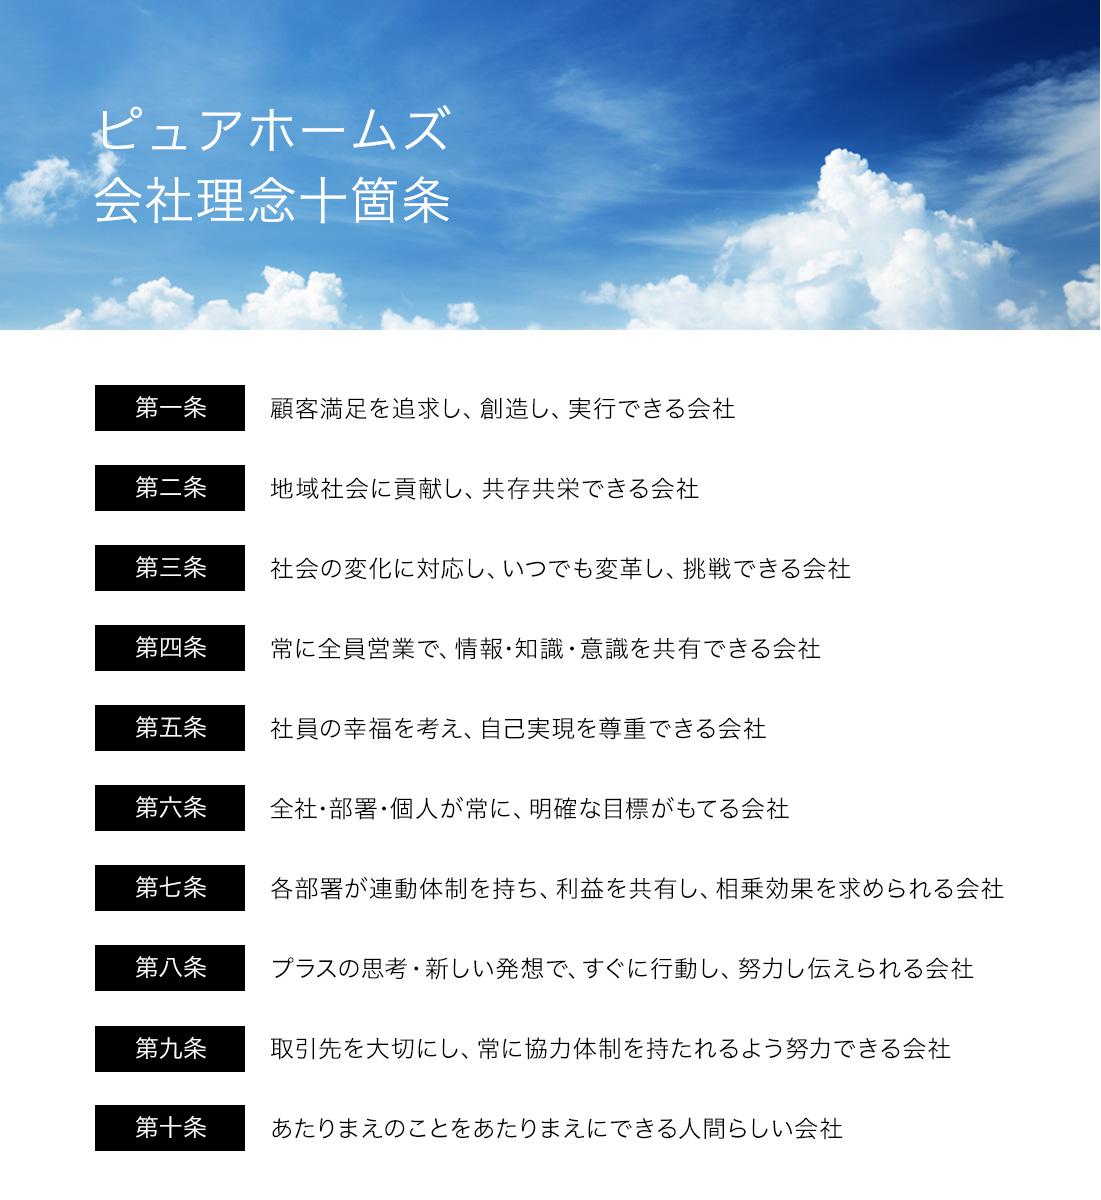 ピュアホームズ会社理念十箇条